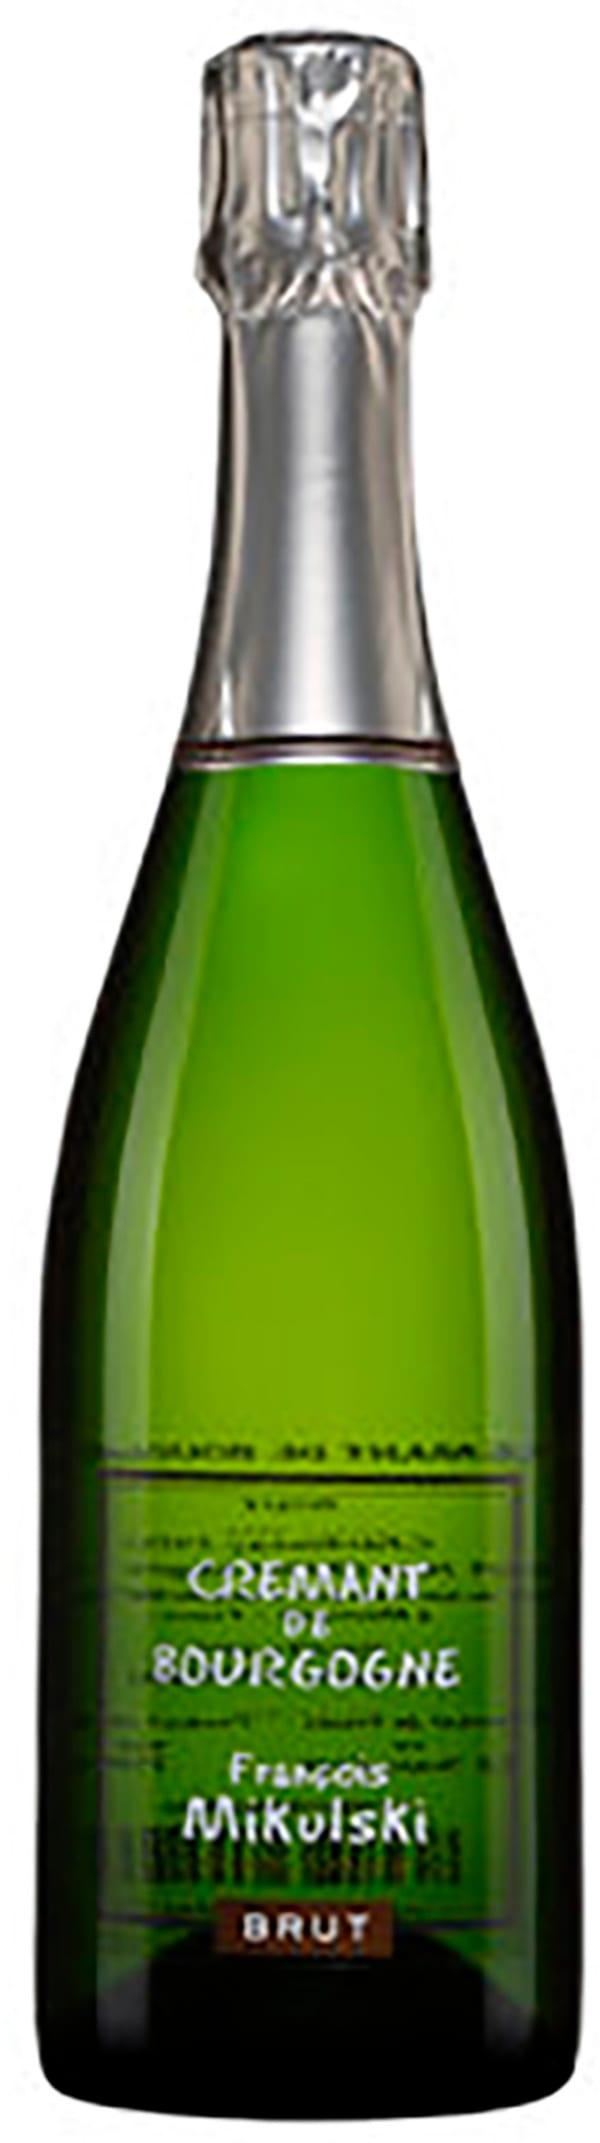 Francois Mikulski Crémant de Bourgogne Brut